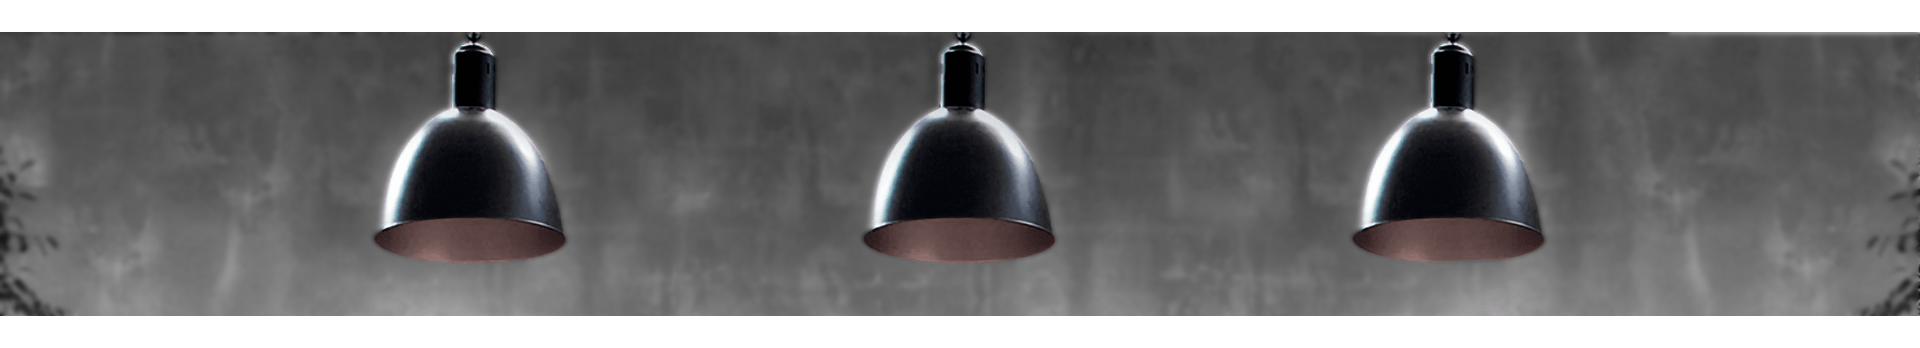 Lamparas de Techo Modernas | Iluminación | Mobelfy ®